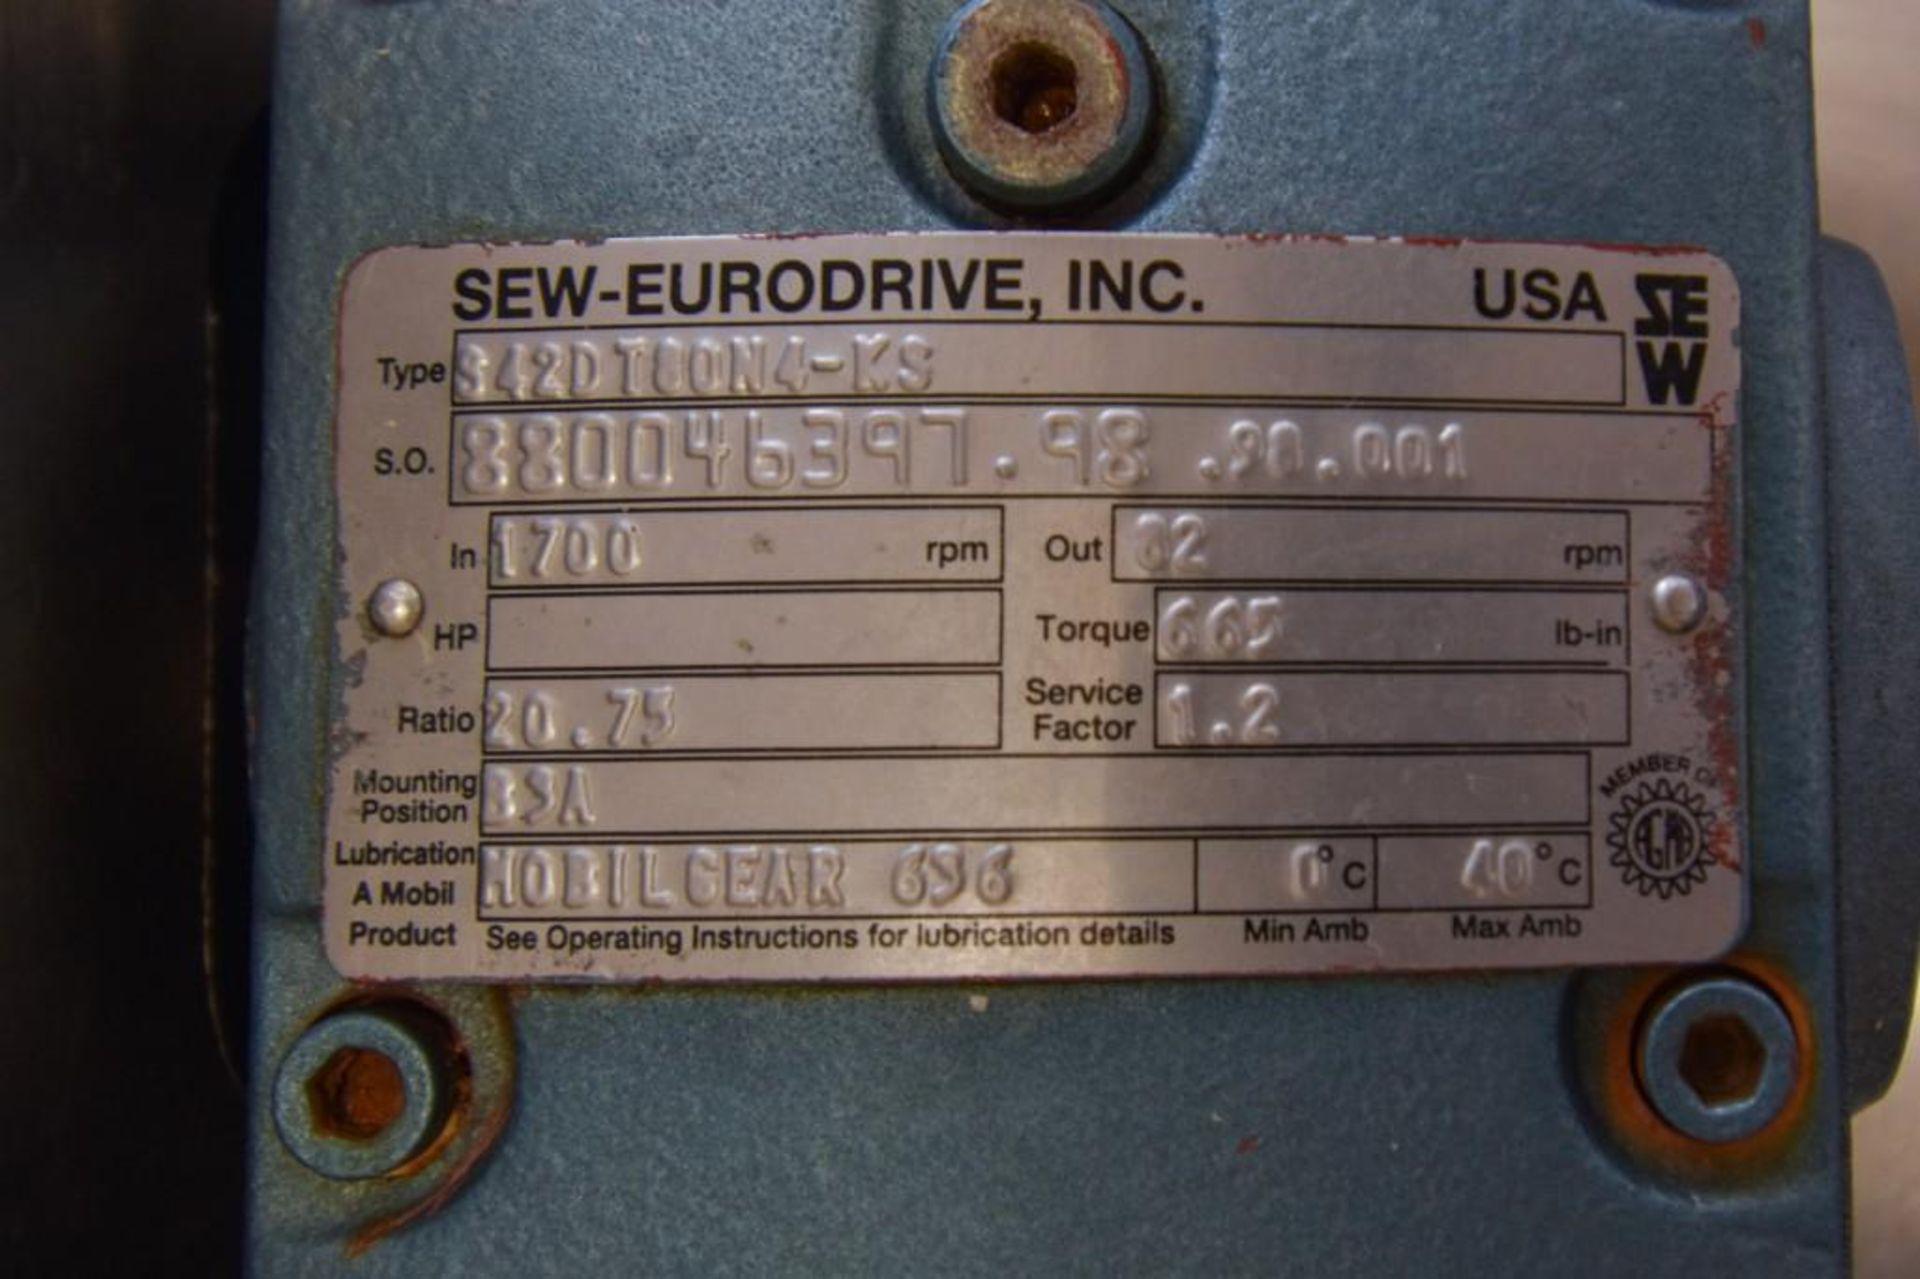 Conveyor - Image 5 of 9